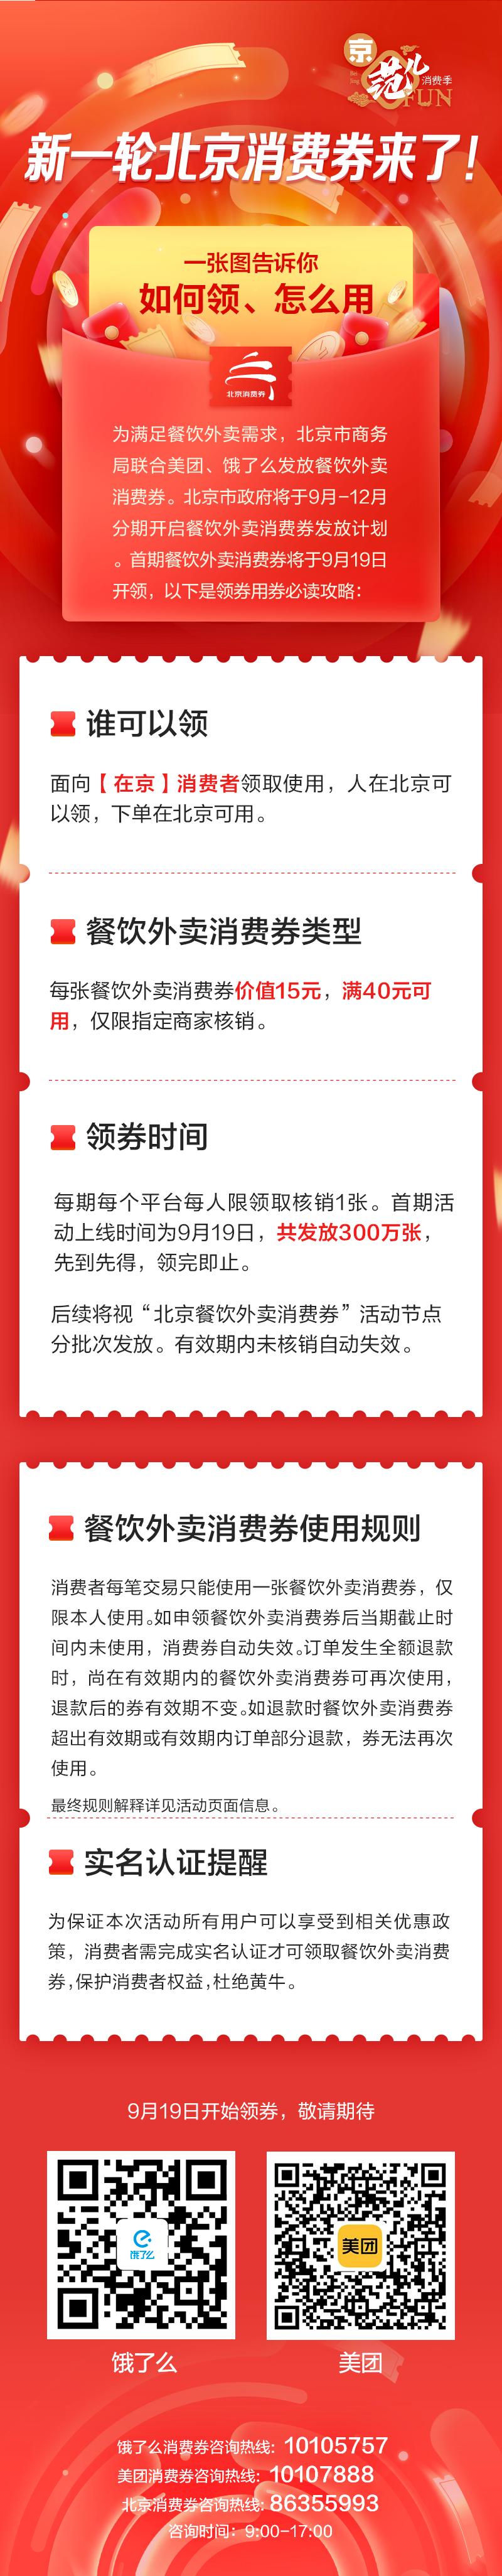 北京餐饮外卖消费券来了,今天10点发首批300万张图片